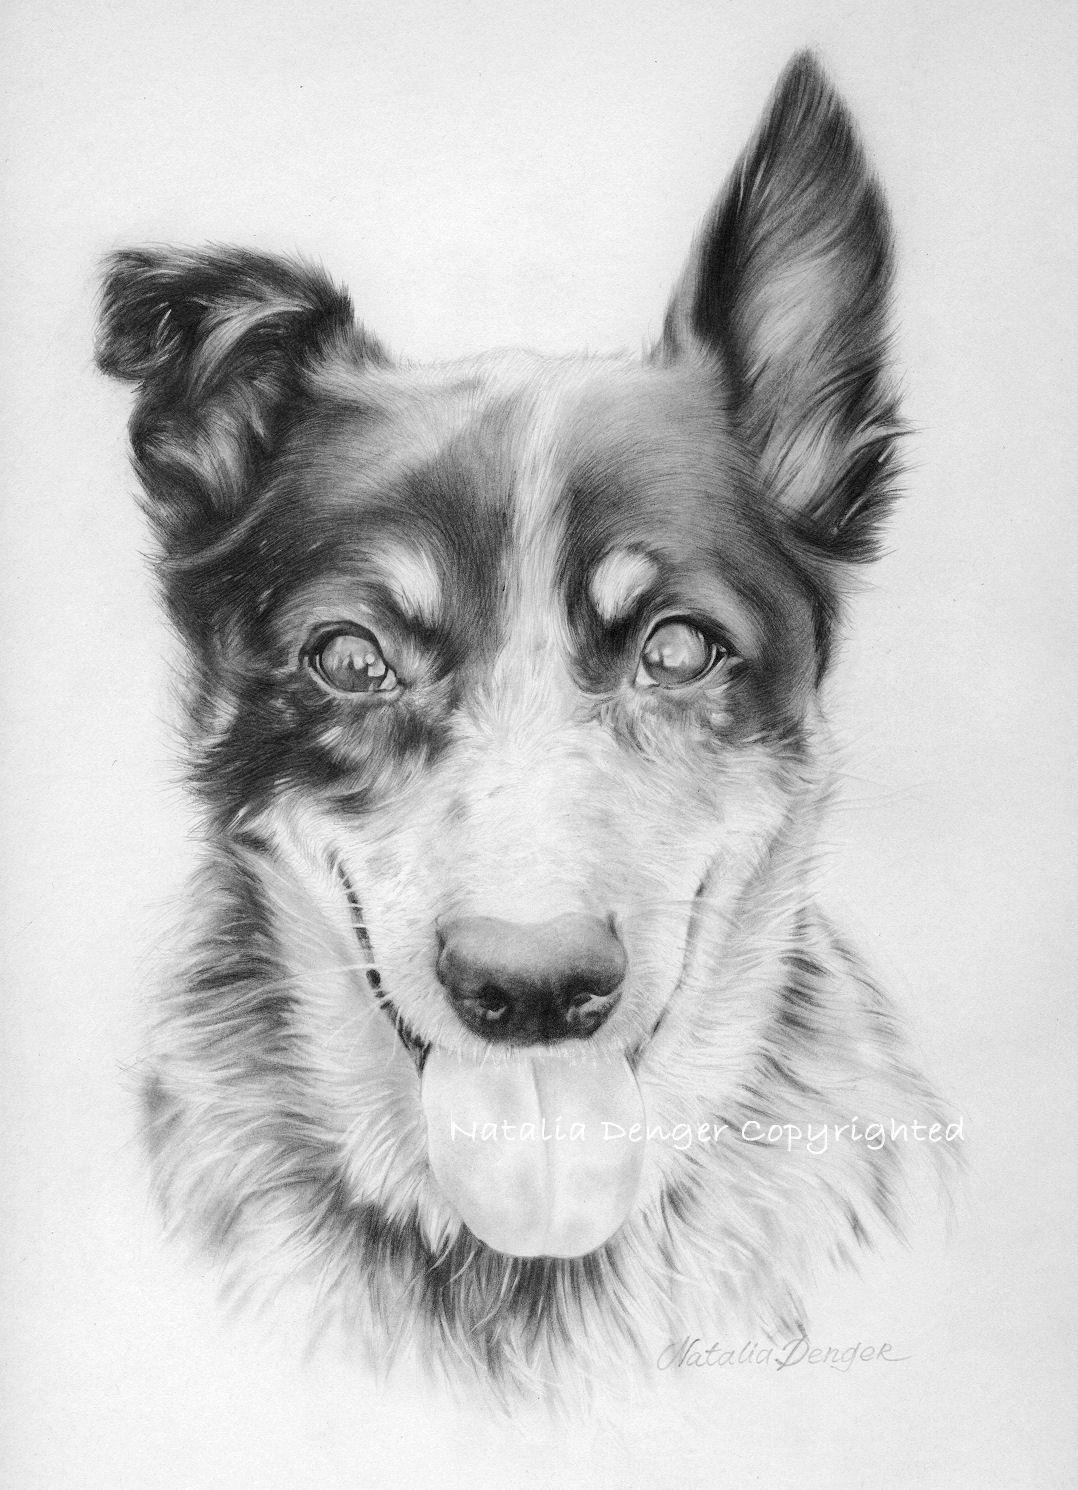 Custom Animal Portrait, Original Portrait, Pet, Portrait, Dog, Cat, Pencil, Drawing, Face, Animal, Little Friend. $60.00, via Etsy.